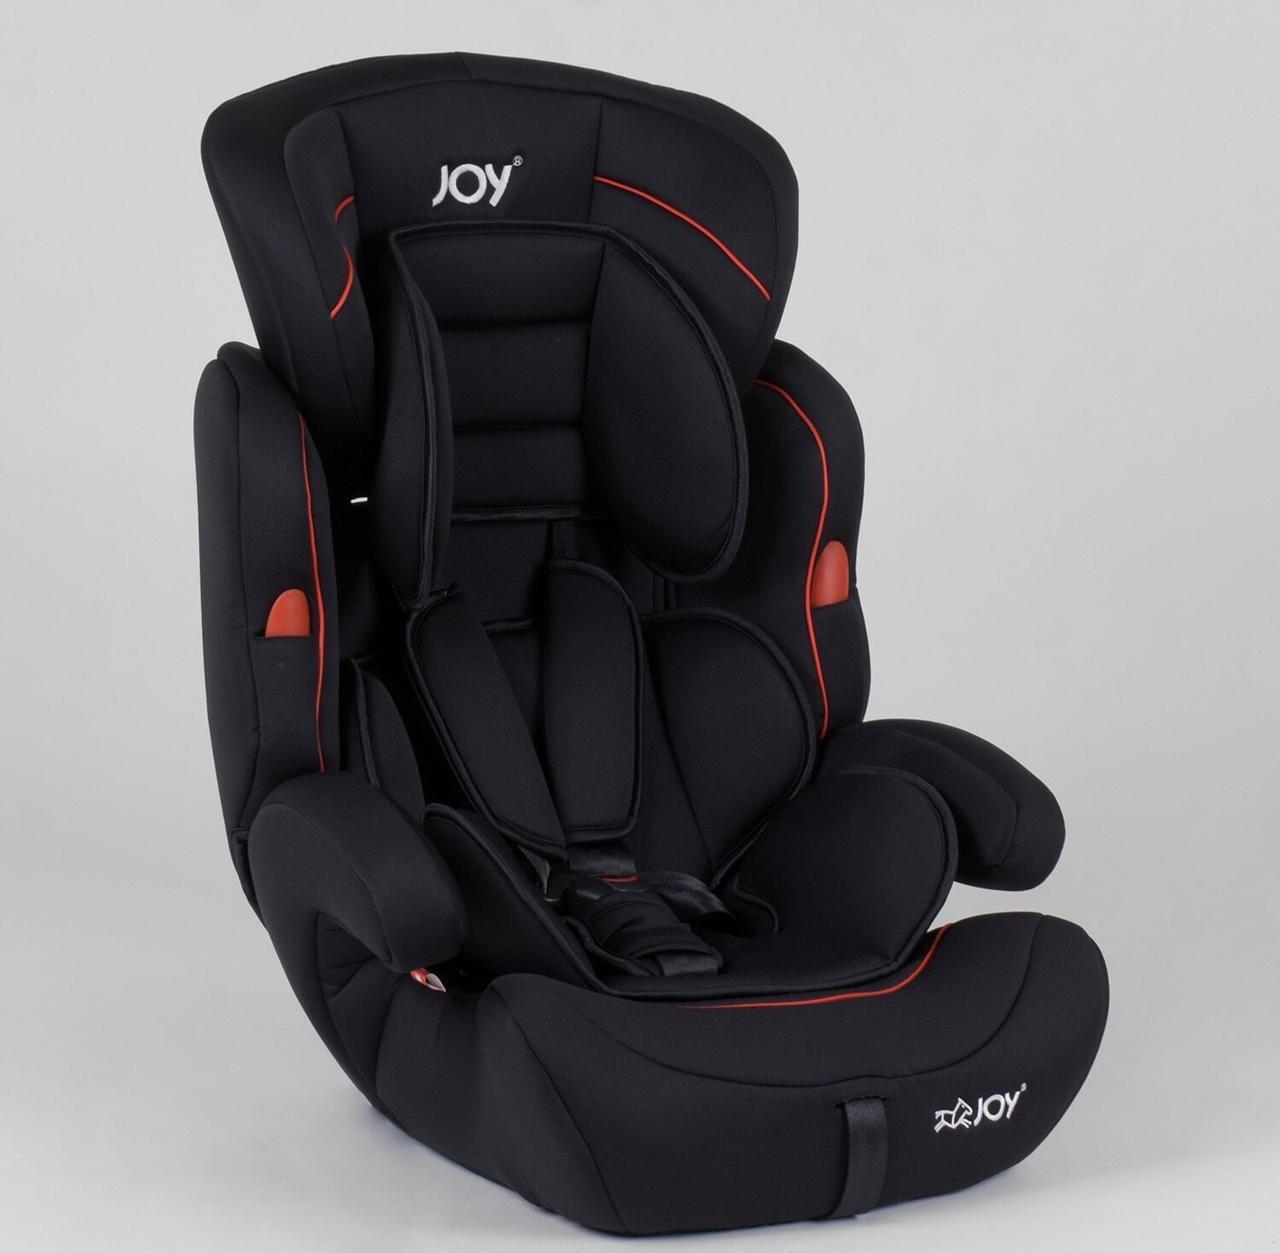 Универсальное детское автокресло JOY NB-2080 от 9 до 36 кг, с бустером